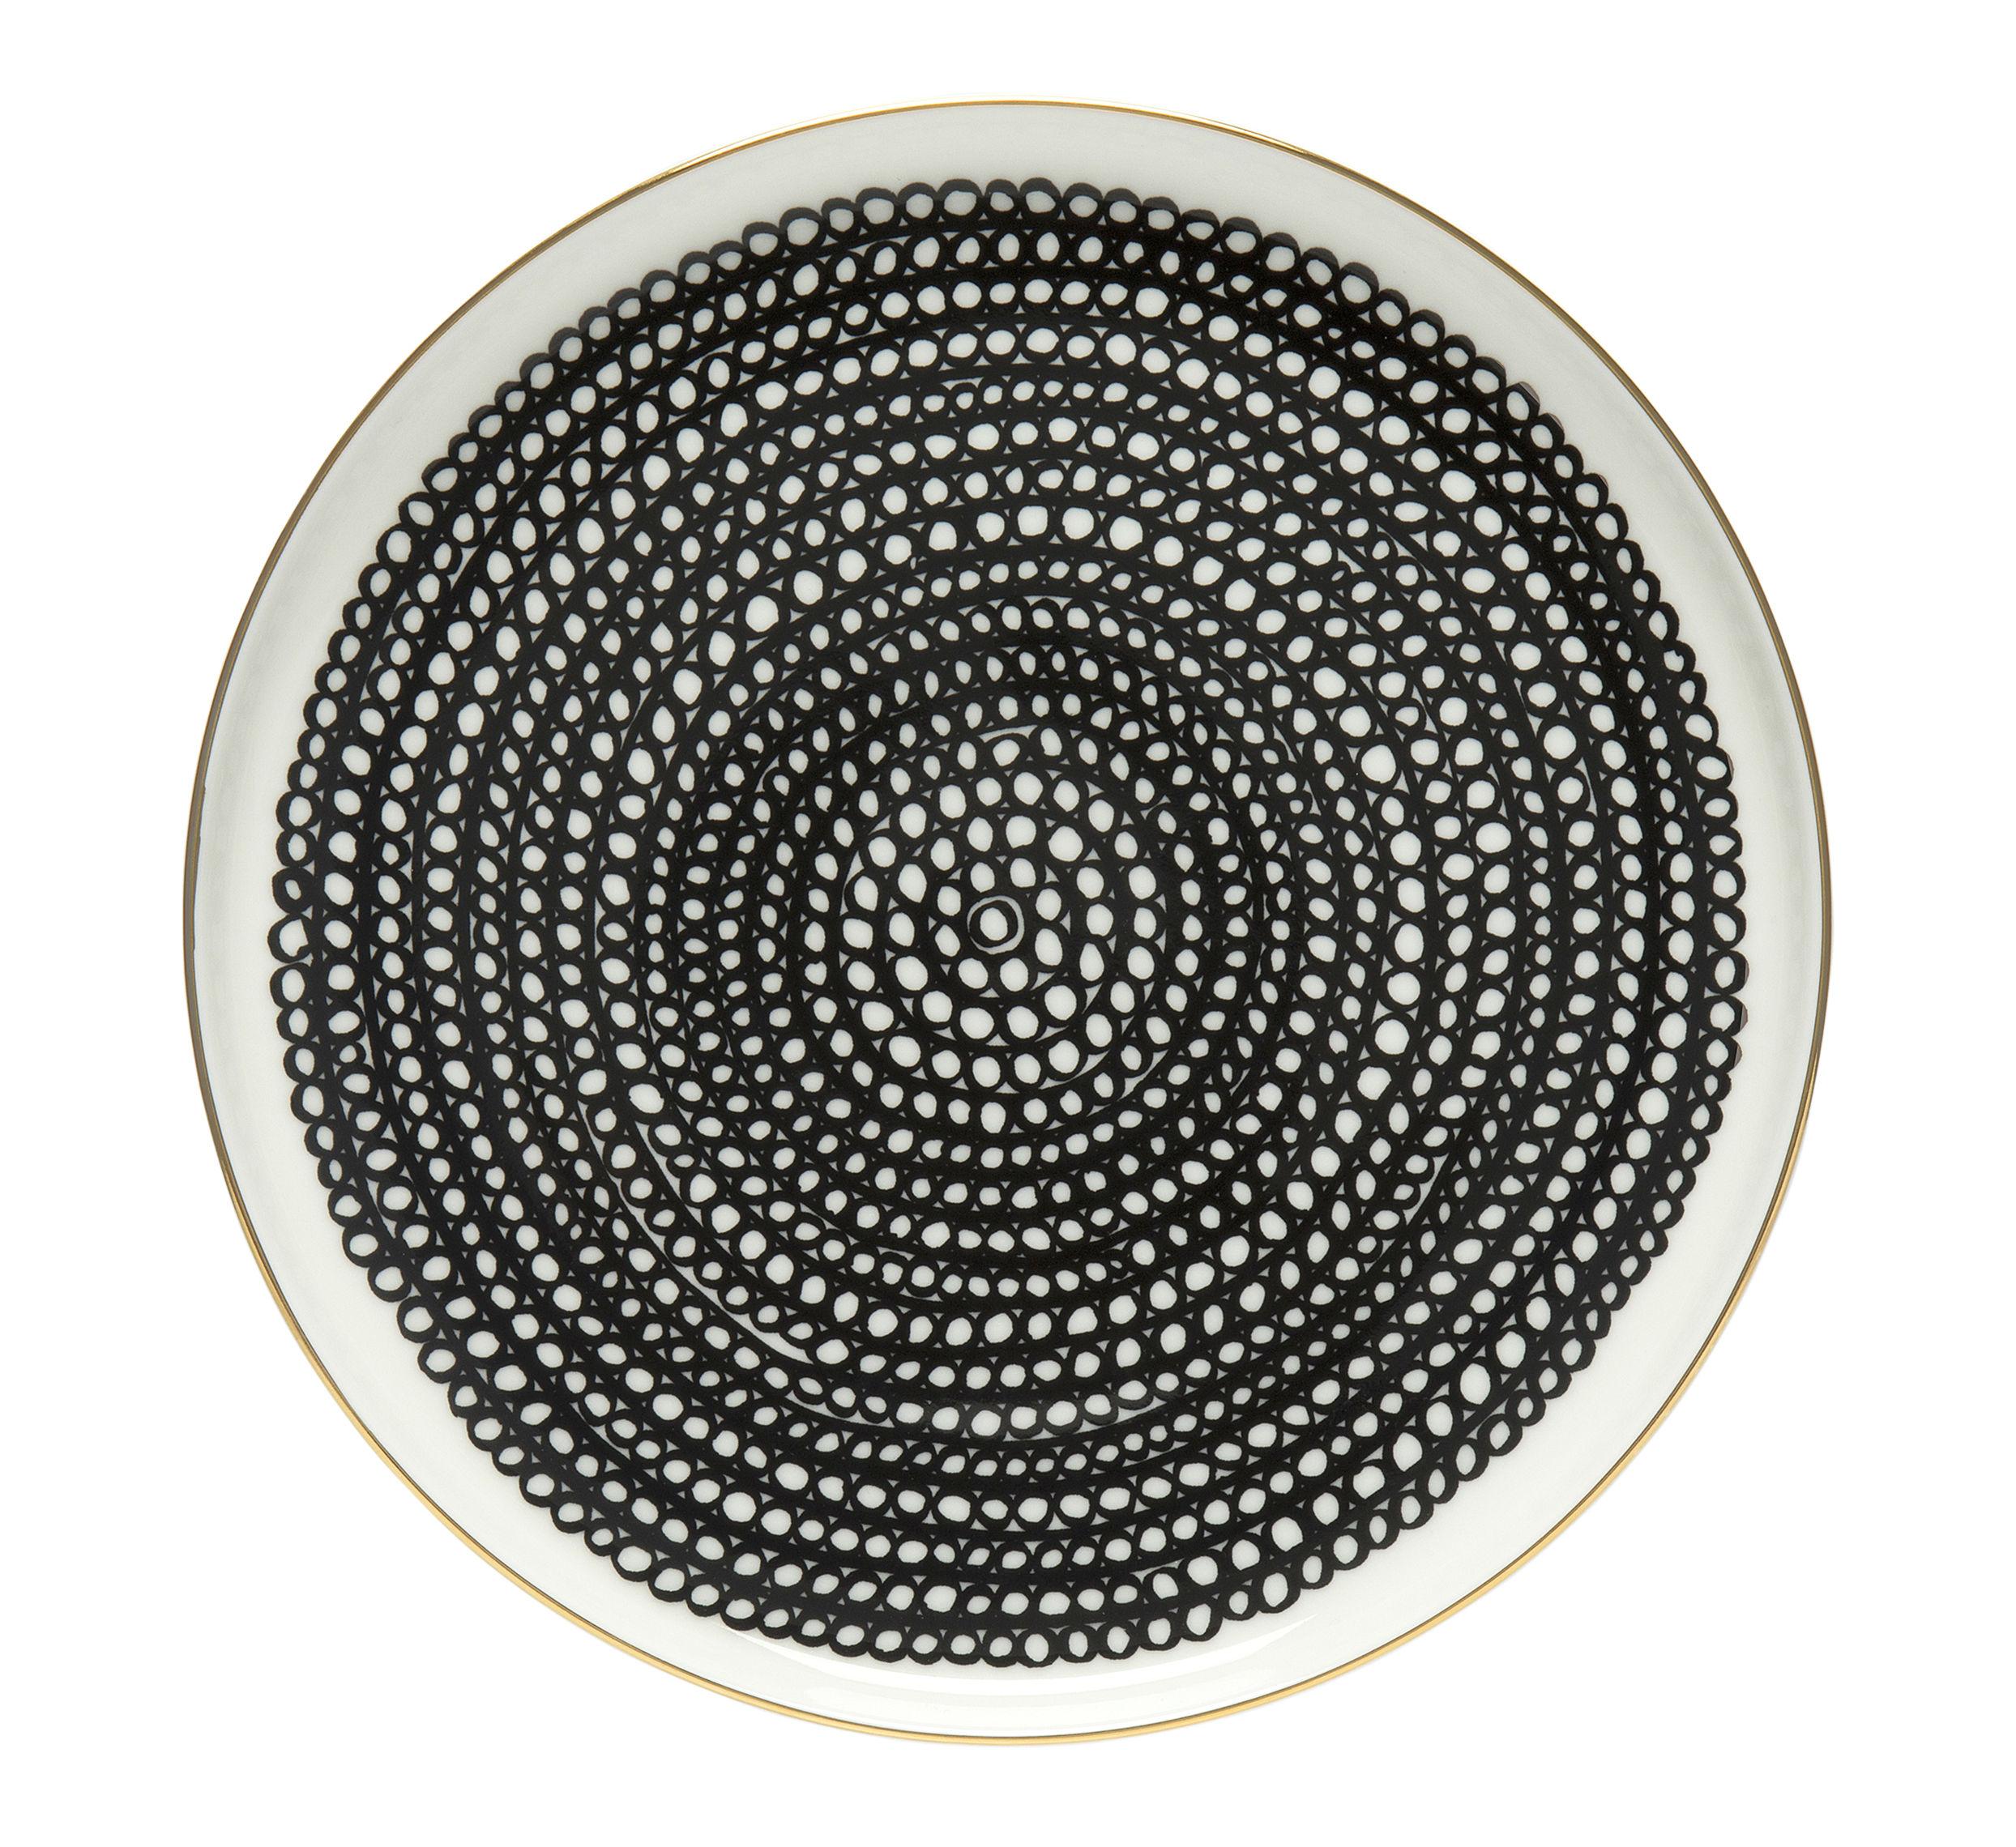 Tischkultur - Teller - Siirtolapuutarha Dessertteller / Ø 20 cm - Ausgabe zum 10-jährigen Jubiläum - Marimekko - Siirtolapuutarha / Gold, schwarz-weiß - Sandstein